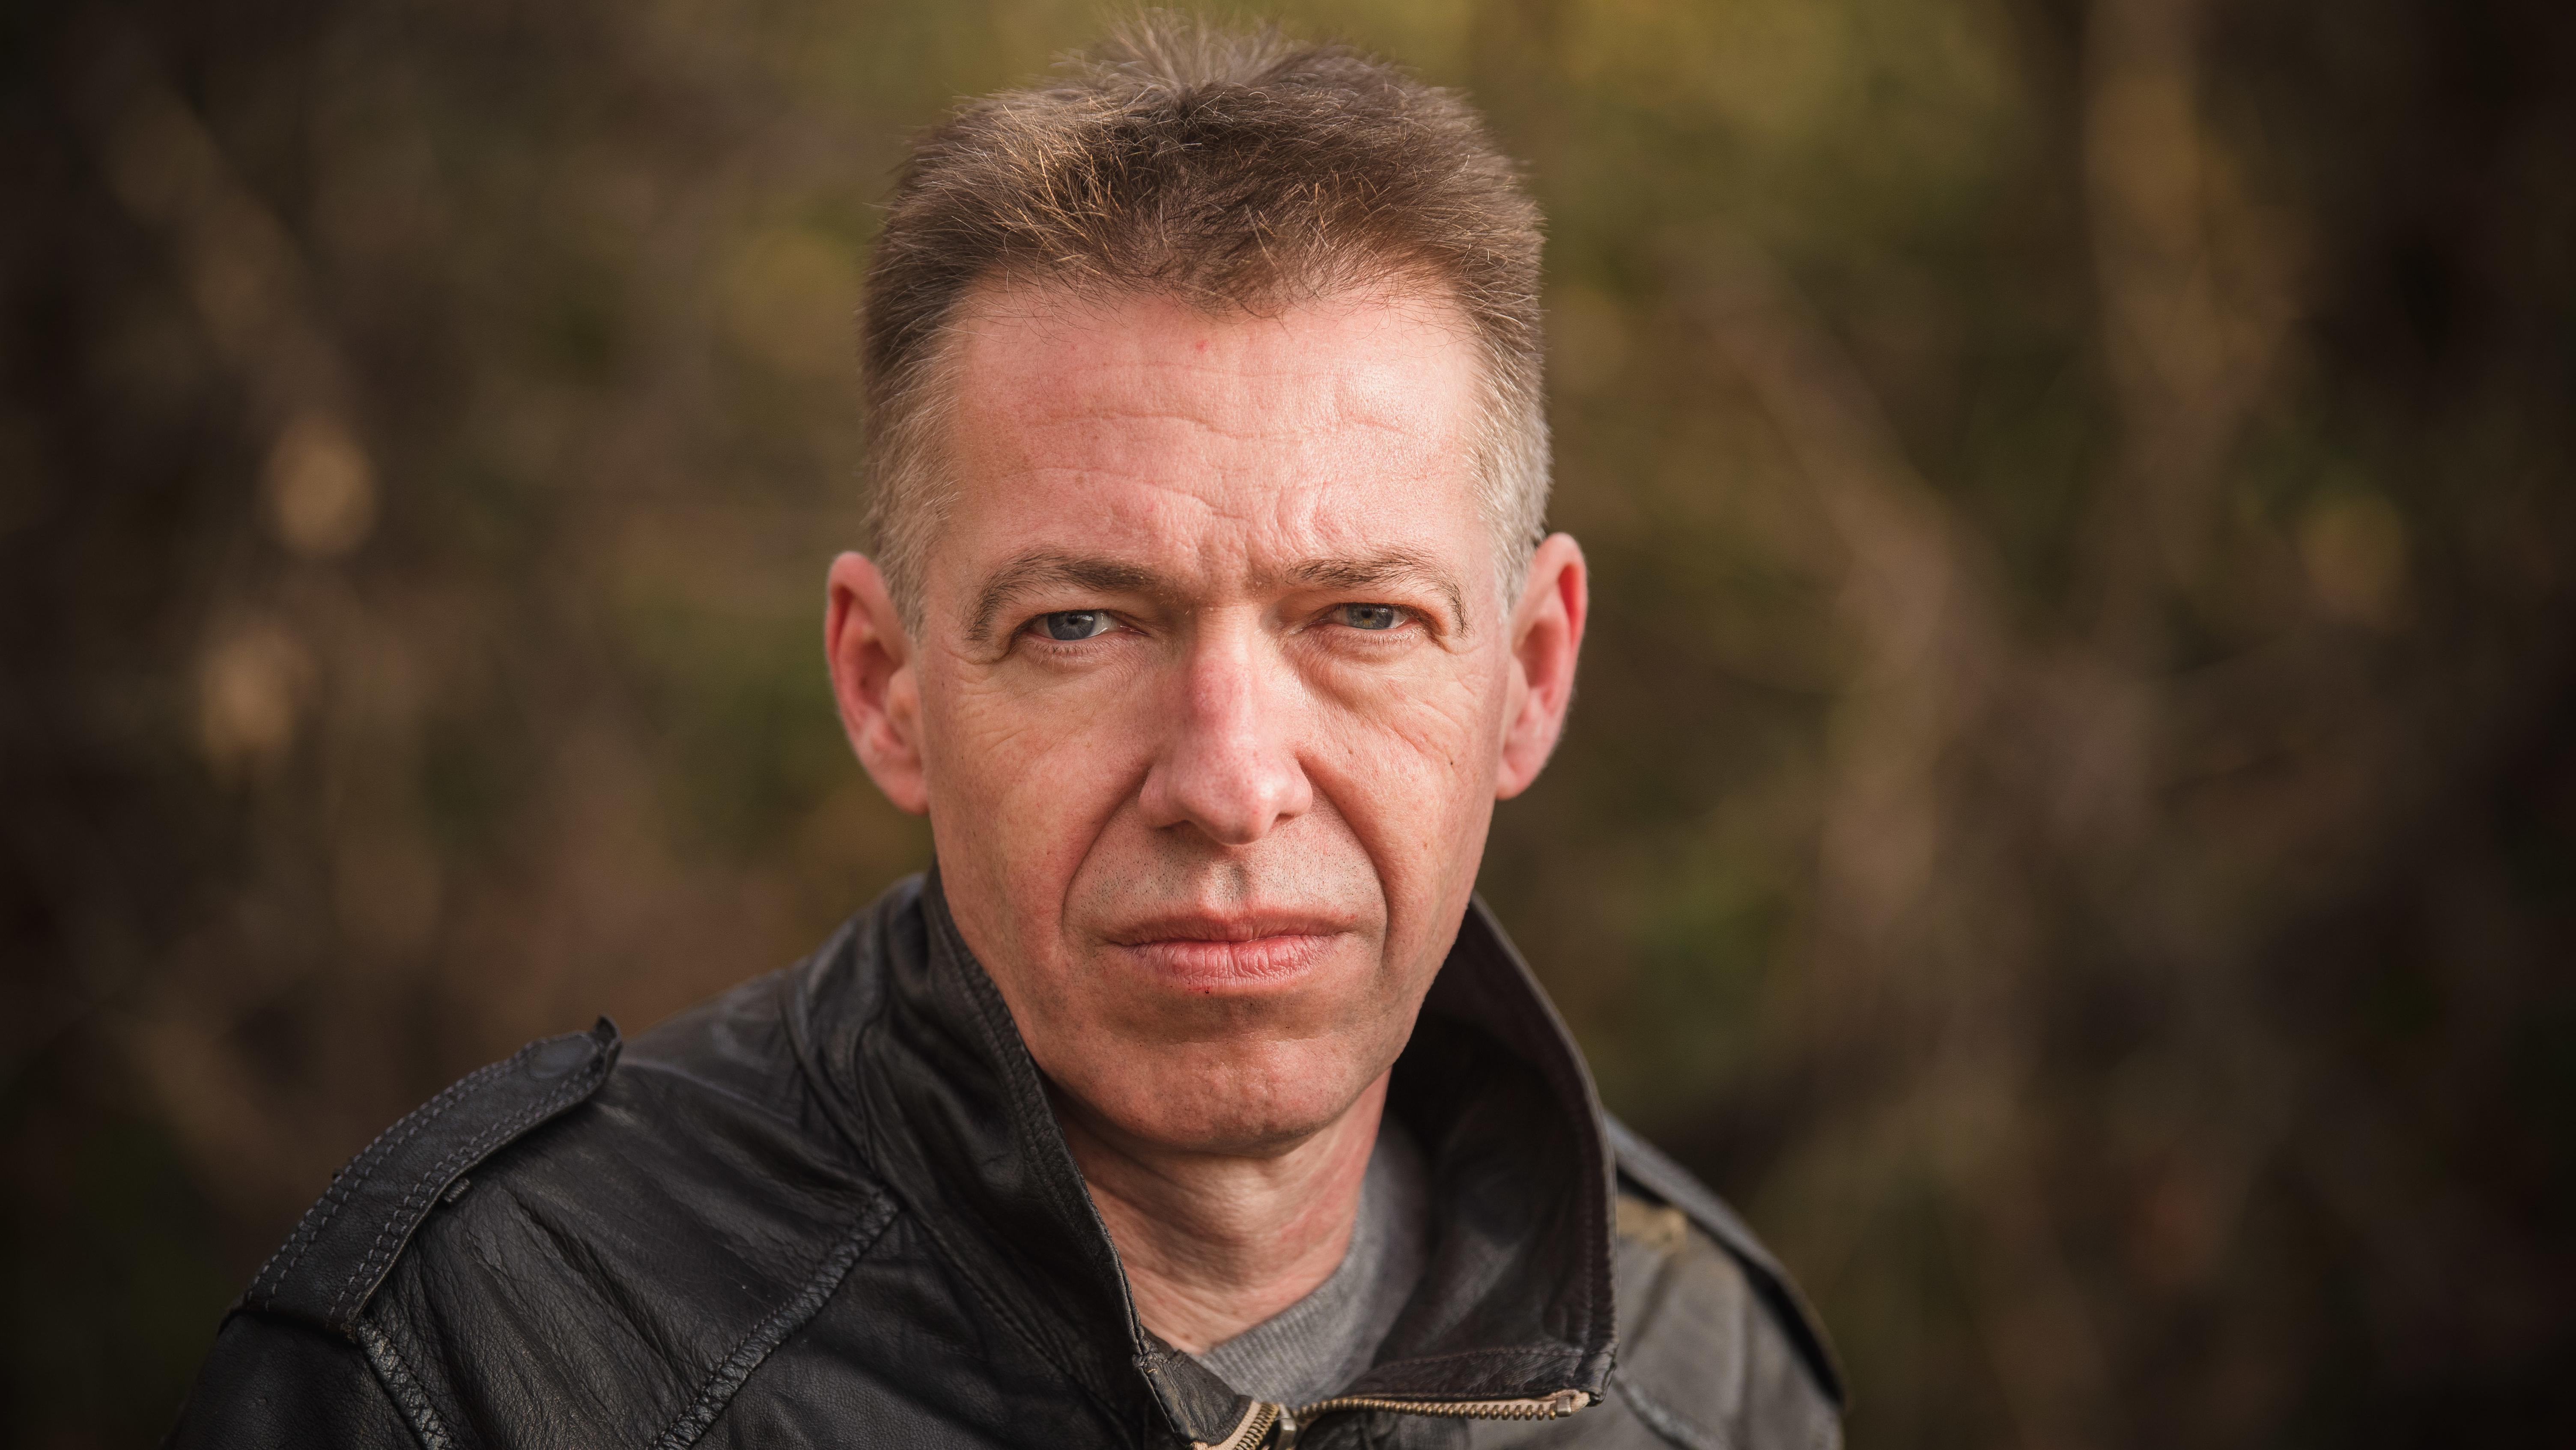 Andreas Lösche, Bruder der ermordeten Tramperin. Er erklärt in einem Interview, wie er das Andenken an seine Schwester lebendig halten will.